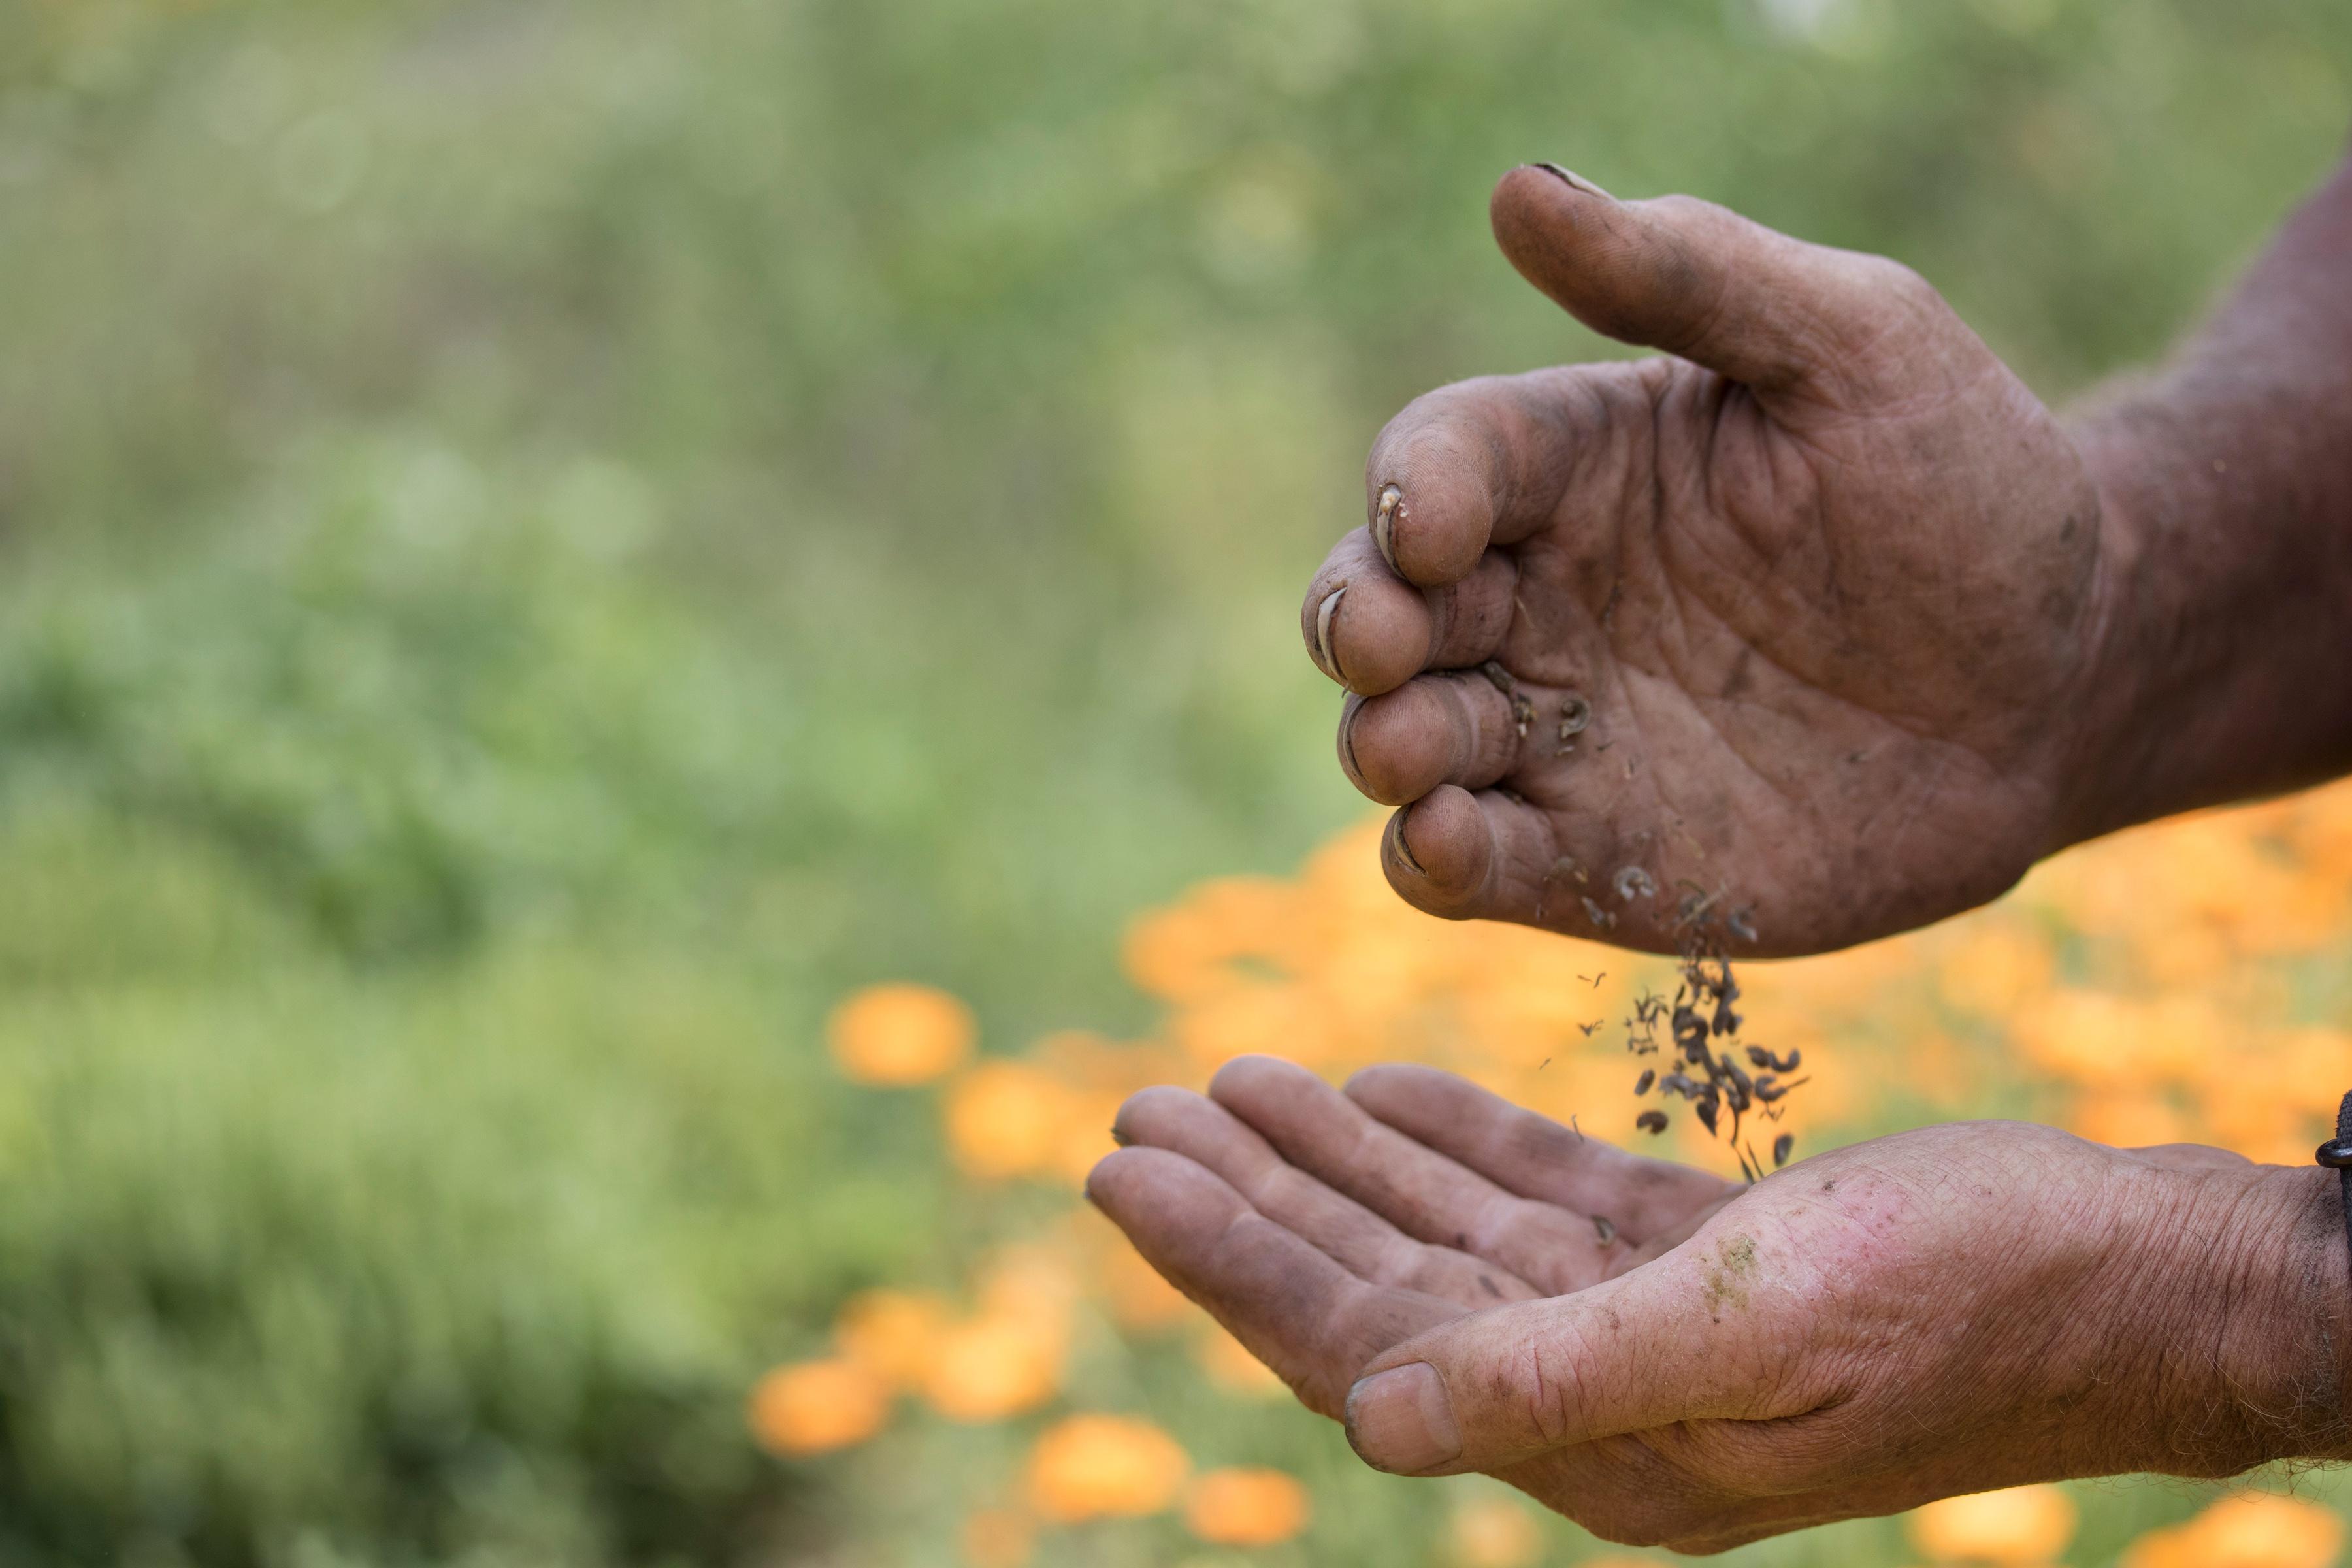 Richo Cech handling Calendula Seeds With Calendula Blurred In Background